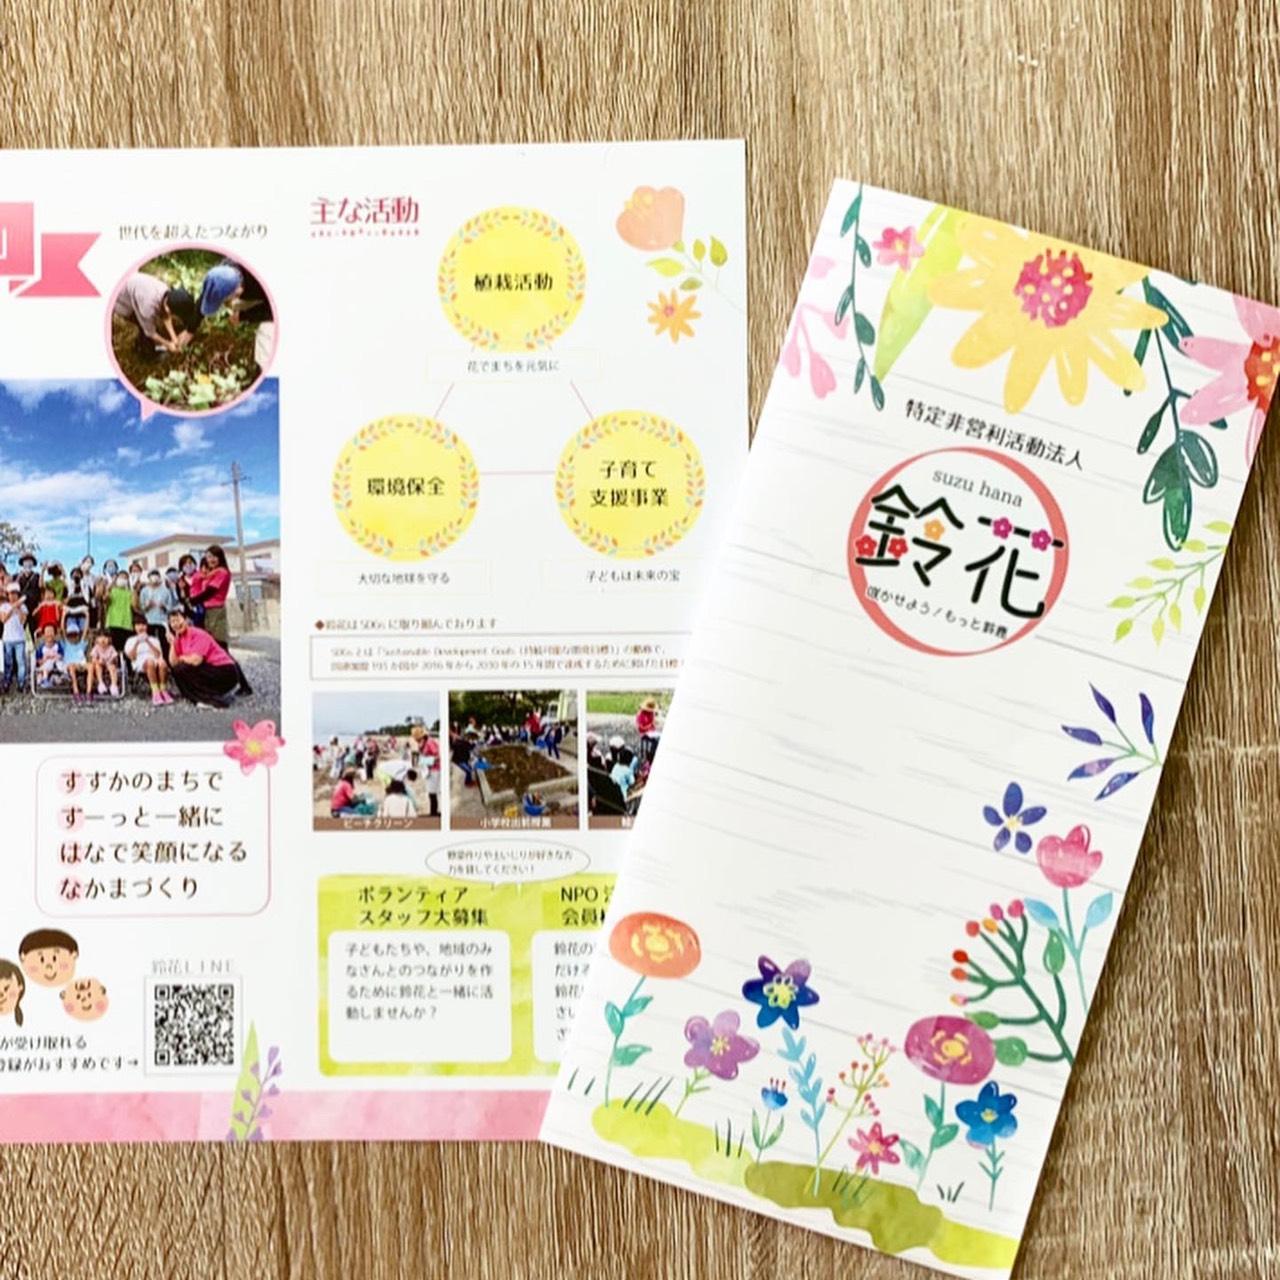 「鈴花」さま 三つ折りパンフレット制作